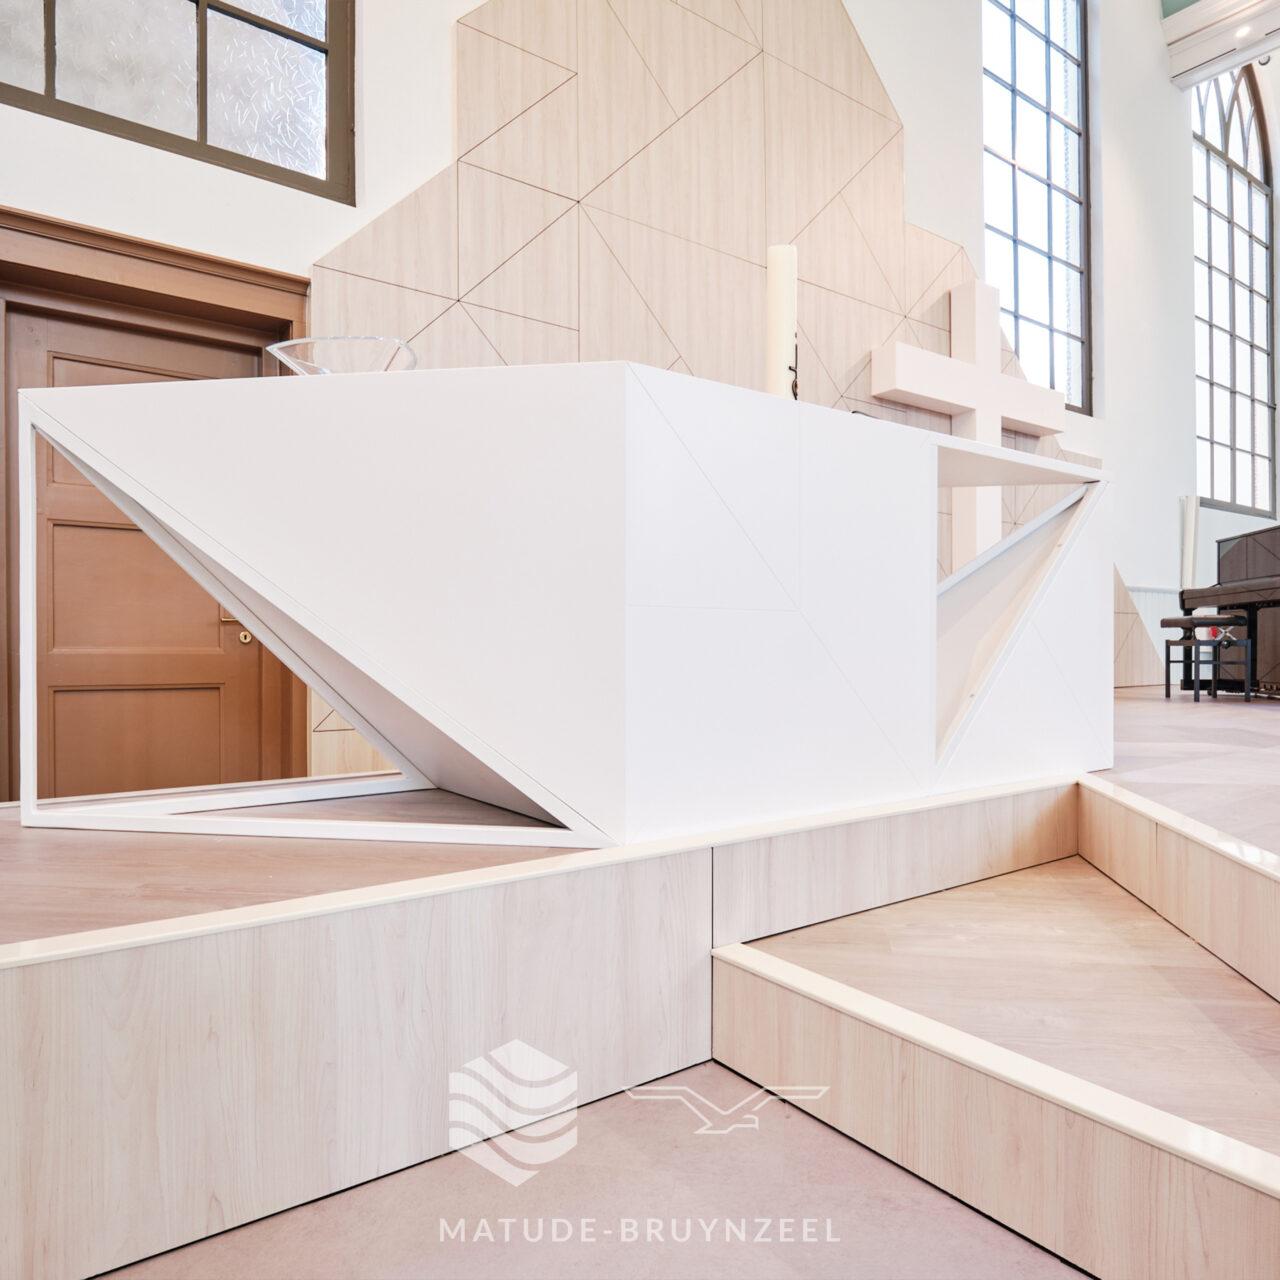 https://www.matude.nl/wp-content/uploads/2021/07/Matude_Bruynzeel_Herengrachtkerk_Leiden_Micro_Geperforeerde_Panelen_23-1280x1280.jpg